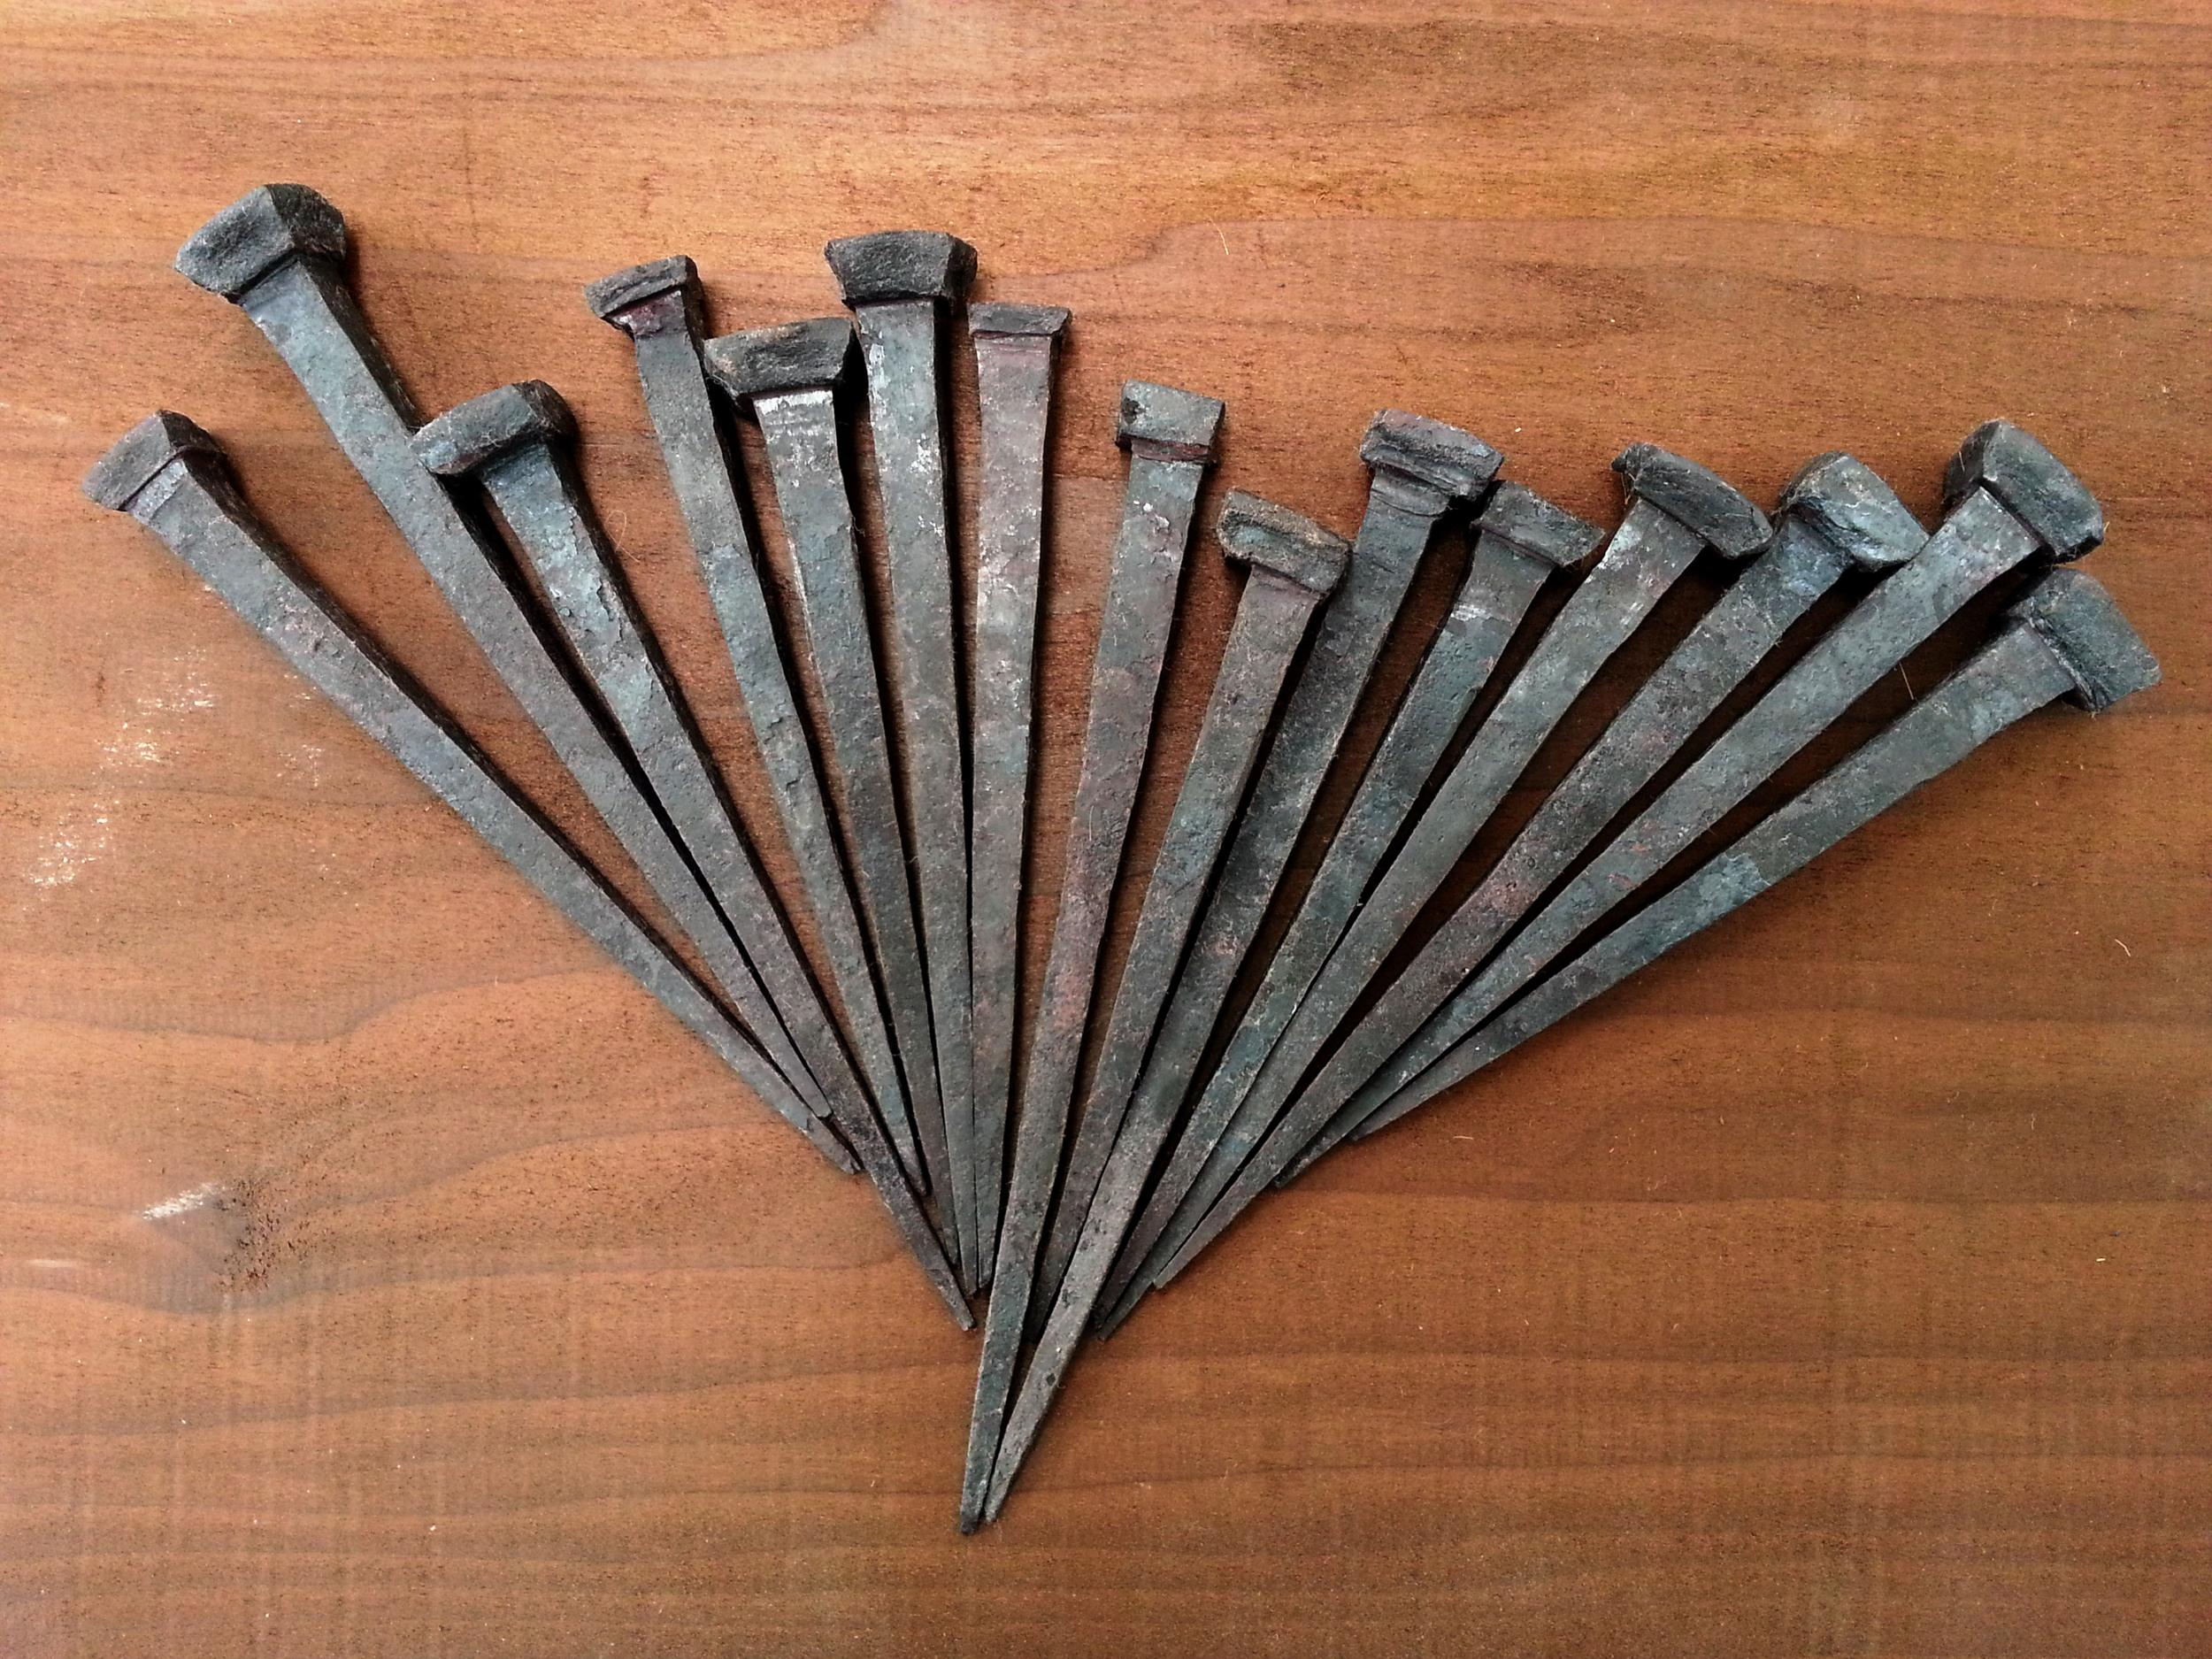 fifteen nails